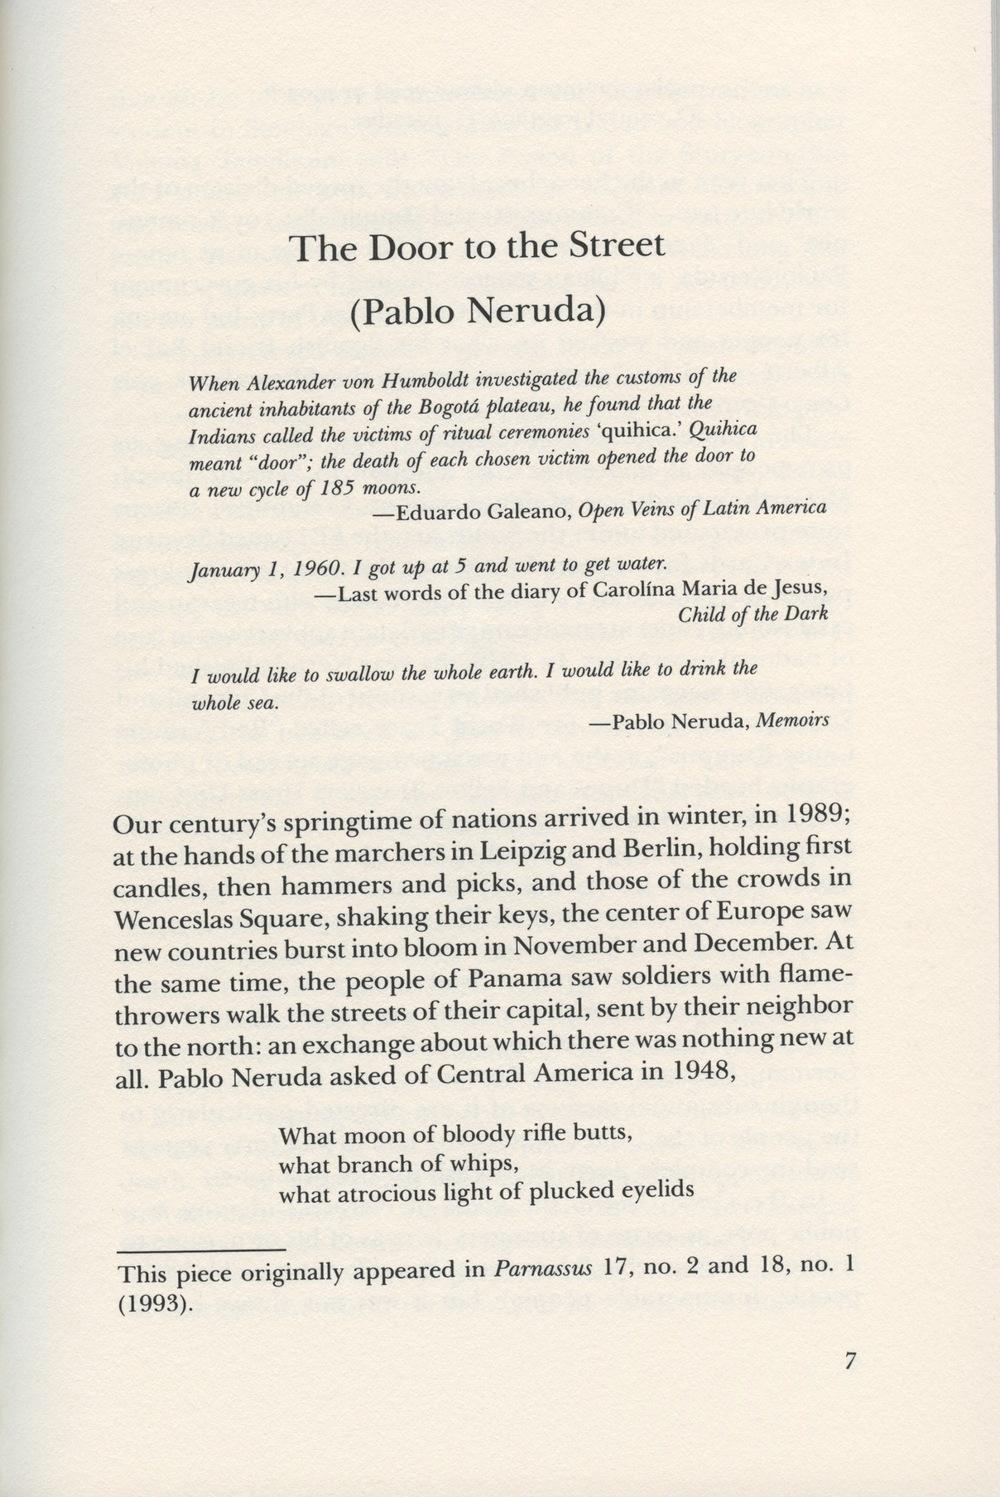 Neruda essay 1.jpeg